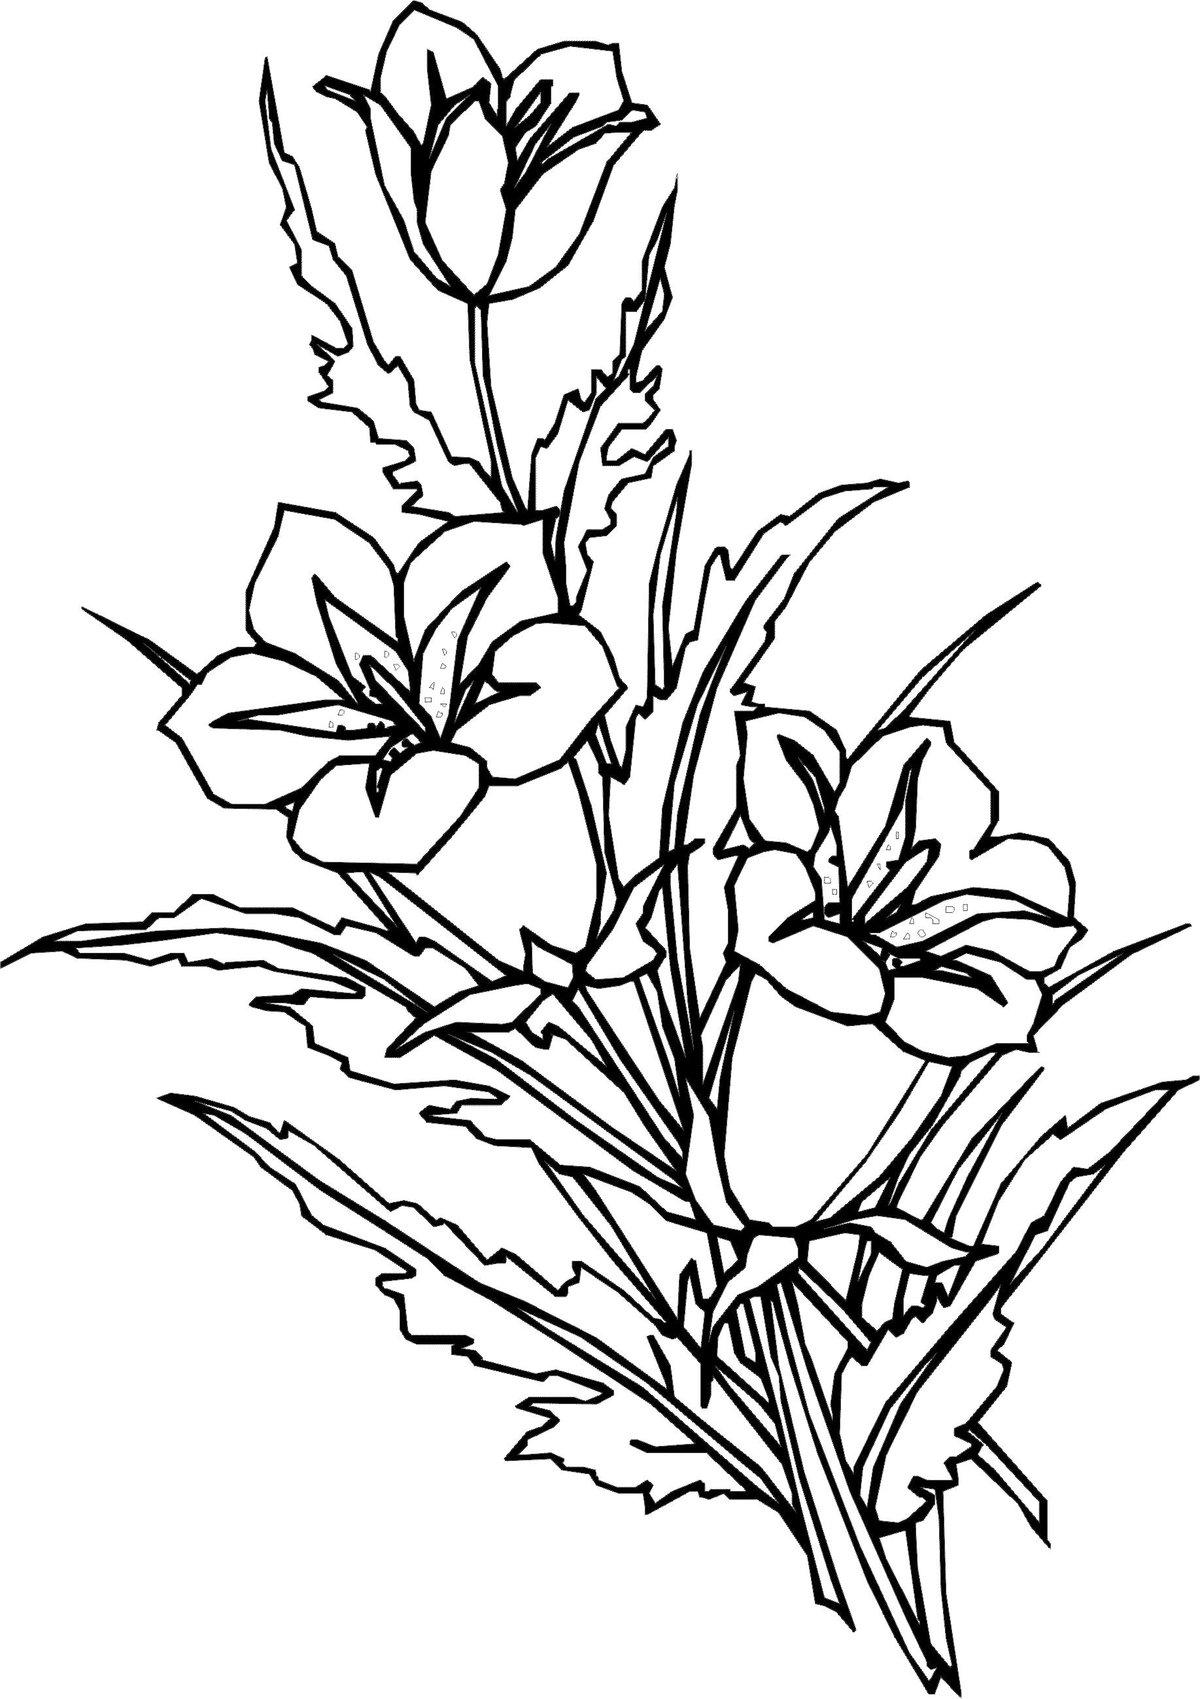 Раскраска открытка цветы, украсить открытку